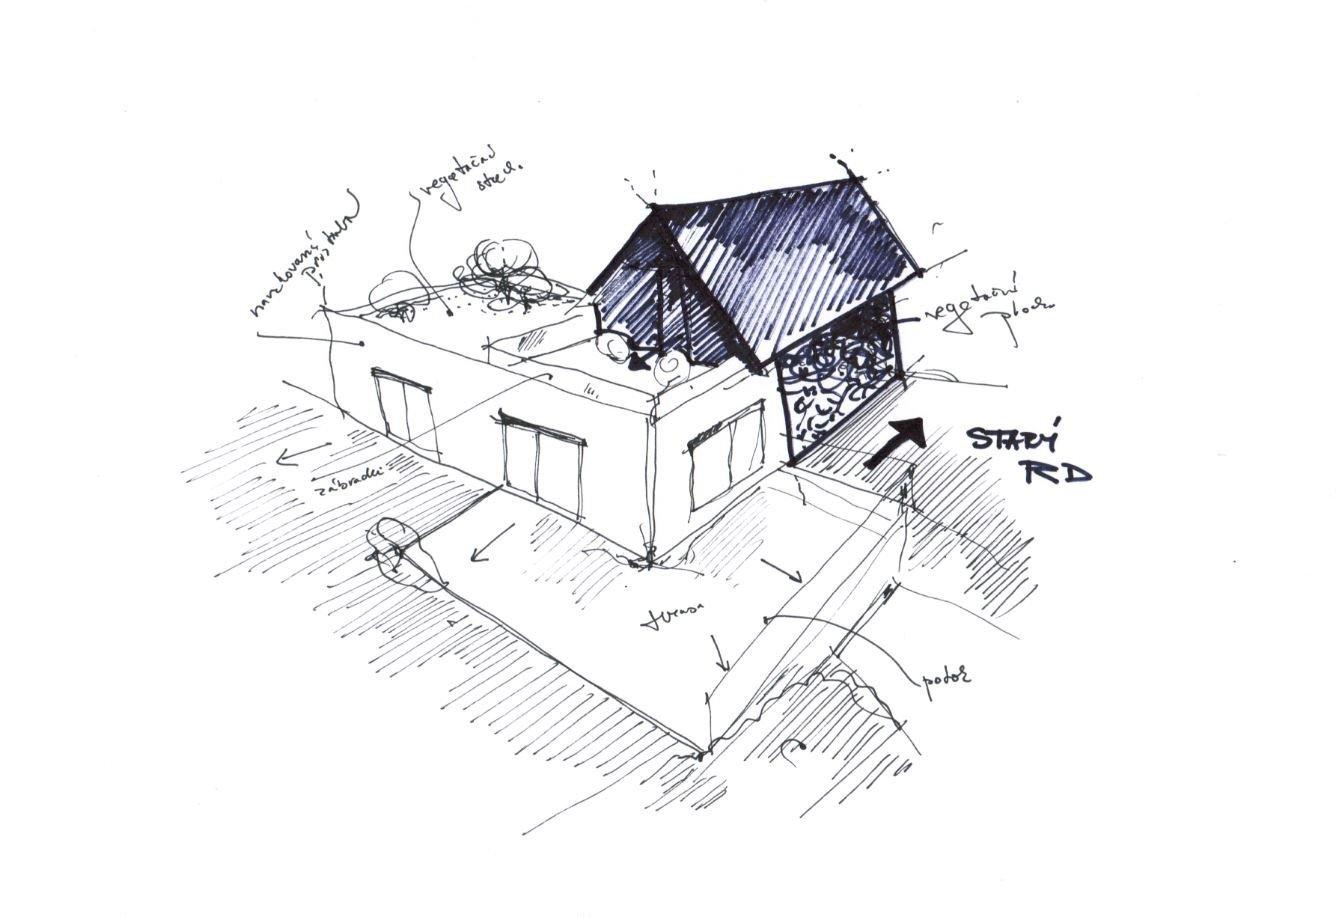 Starý rodinný dom sa nachádza v meste Ilava, v blízkosti potoka. Urbanistický priestor na rozšírenie starého domu bol limitovaný hranicami susedných pozemkov. Zo západnej strany záhradami, z južnej strany susedným domom. Dom v dome ponúka energeticky úsporné a komfortné bývanie. Ponechanie existujúceho rodinného domu bolo vstupnou požiadavkou investora, rovnako aj vytvorenie pivnice a to podpivničením navrhovanej prístavby